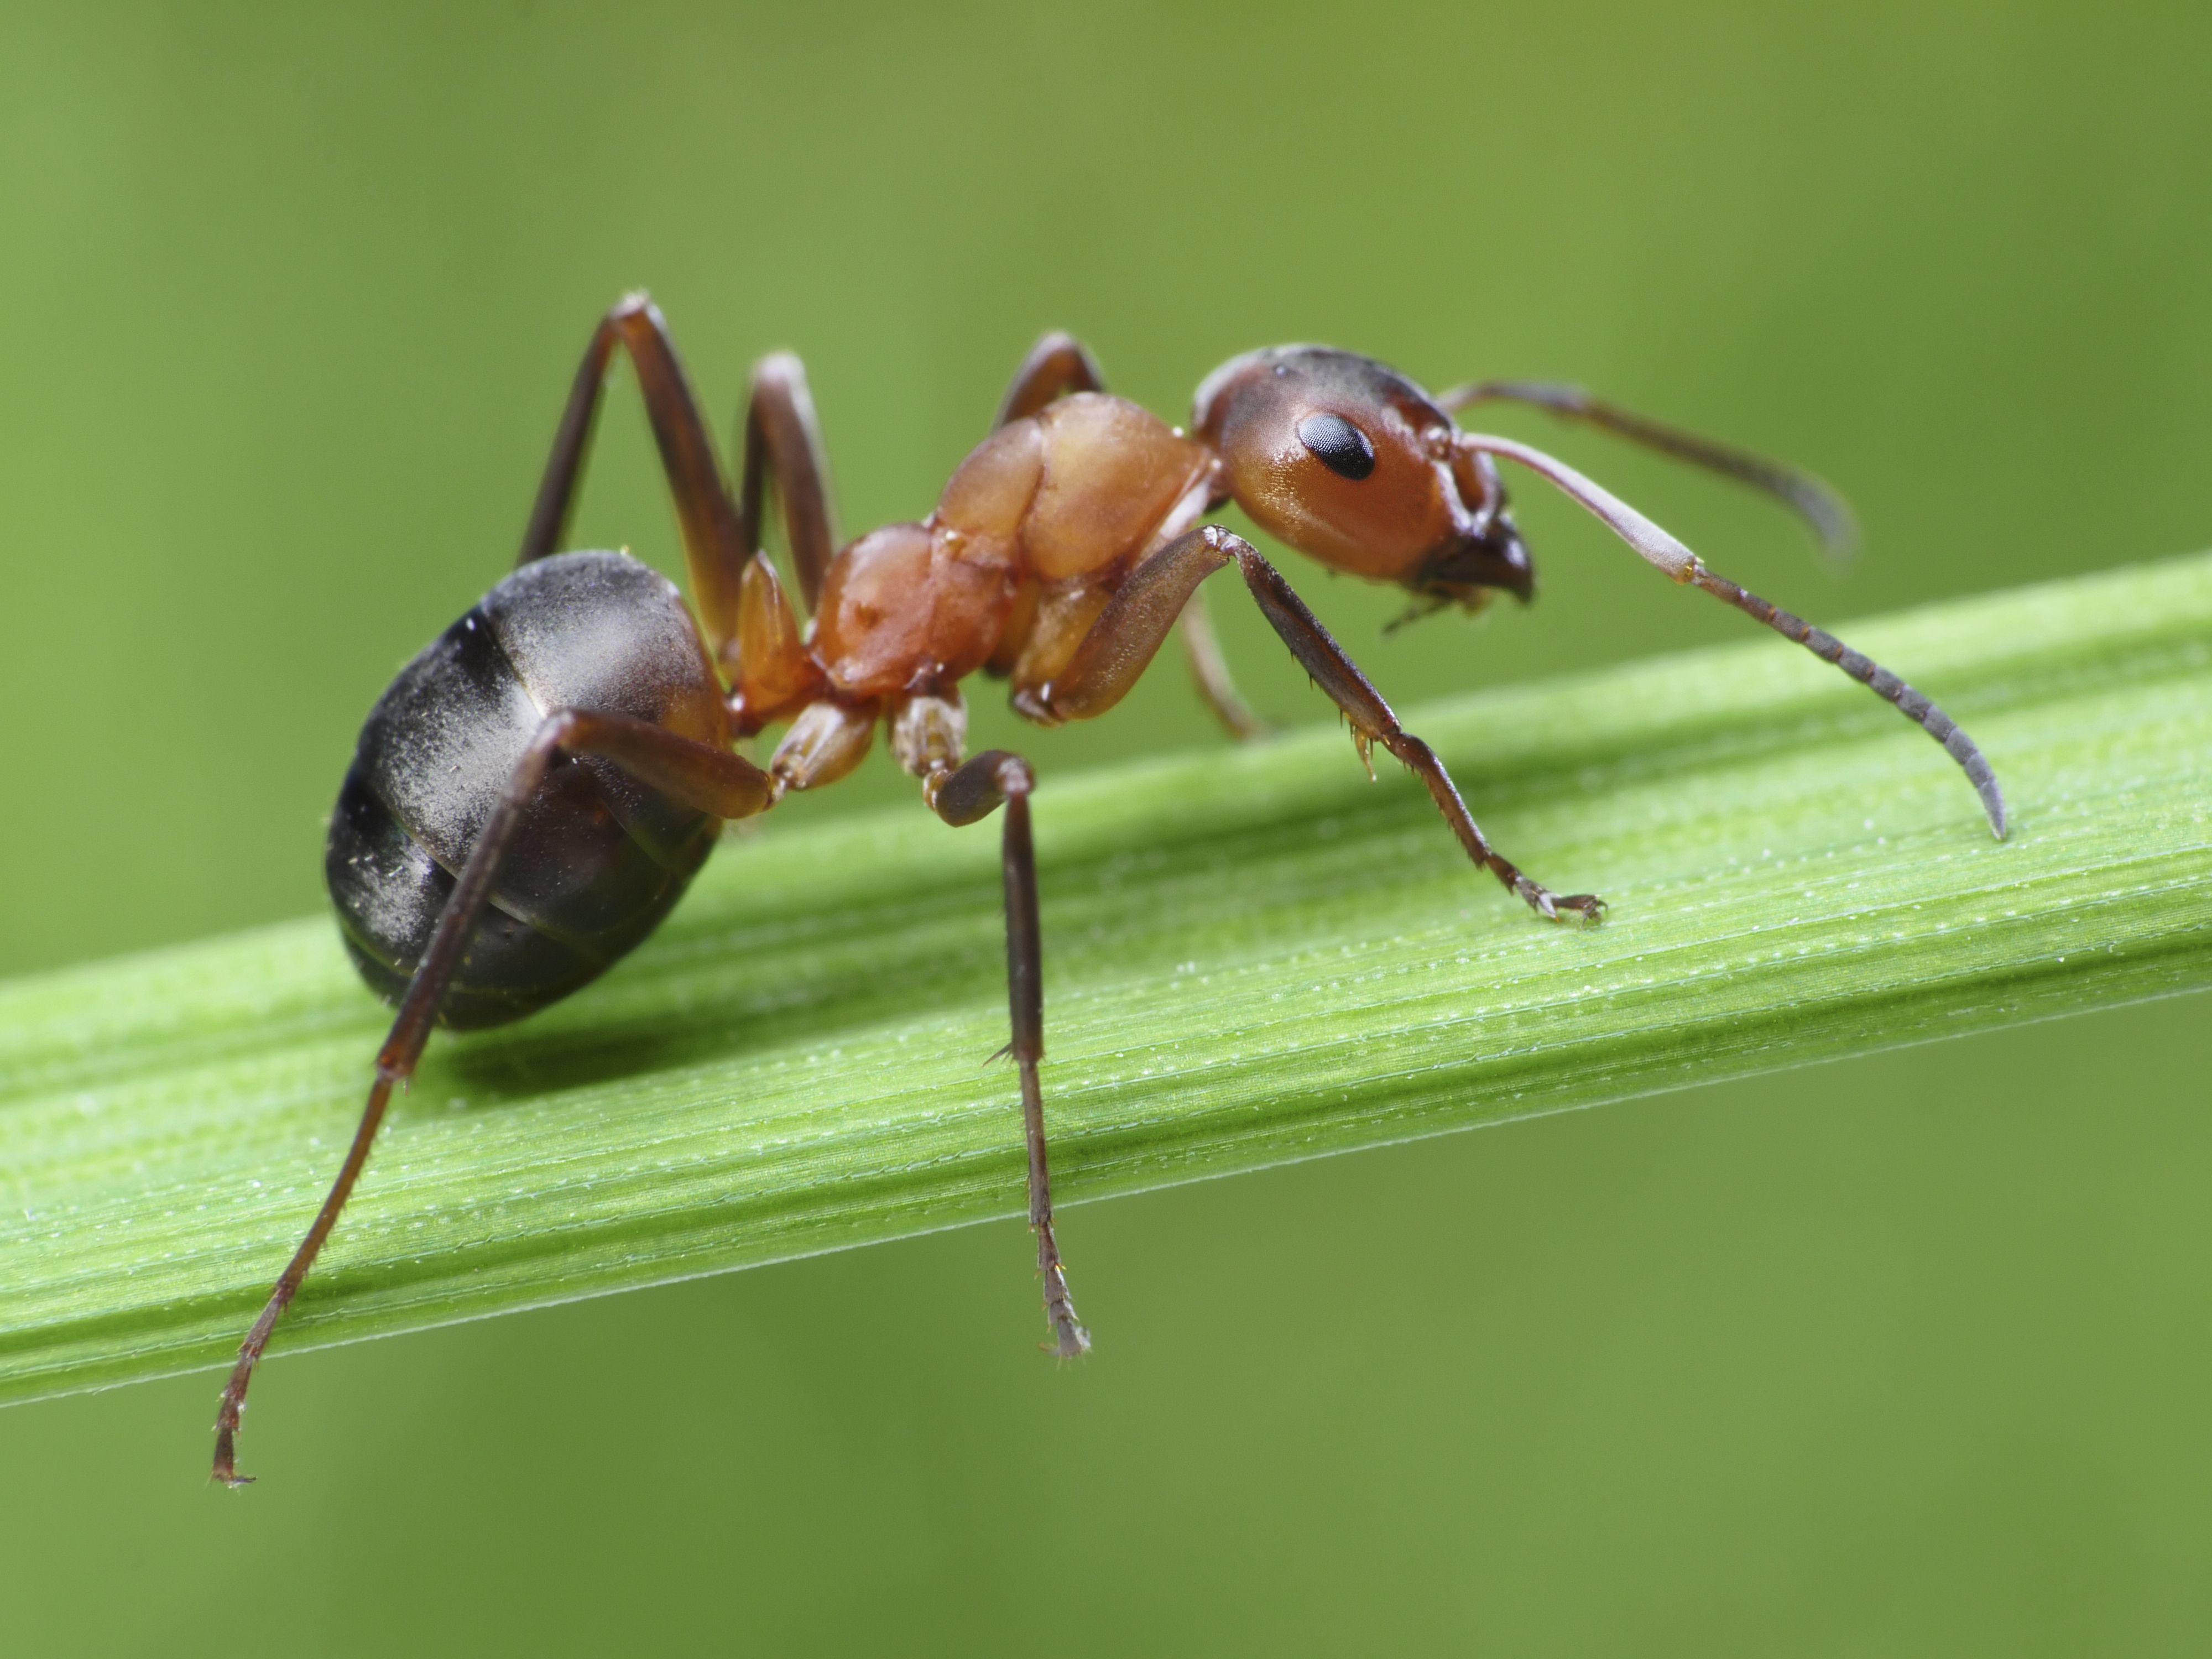 La verdadera cara de una hormiga a través de un microscópico electrónico